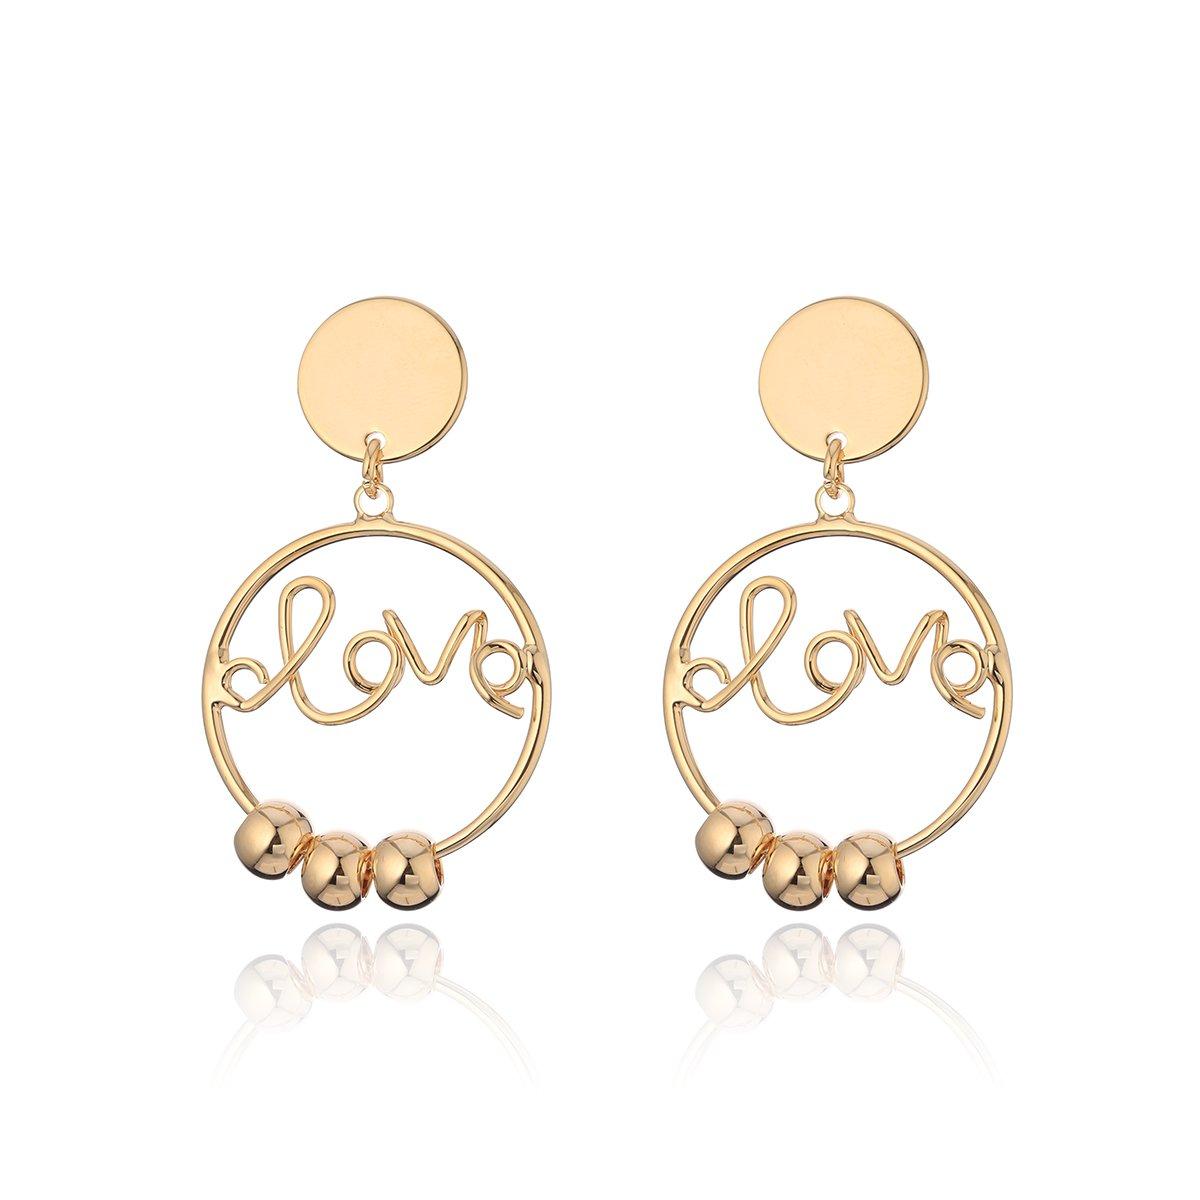 Dangle Earring for Women,Gold Circle Drop Earring Girls Silver Stud Earring Stainless Steel Hoop Earring